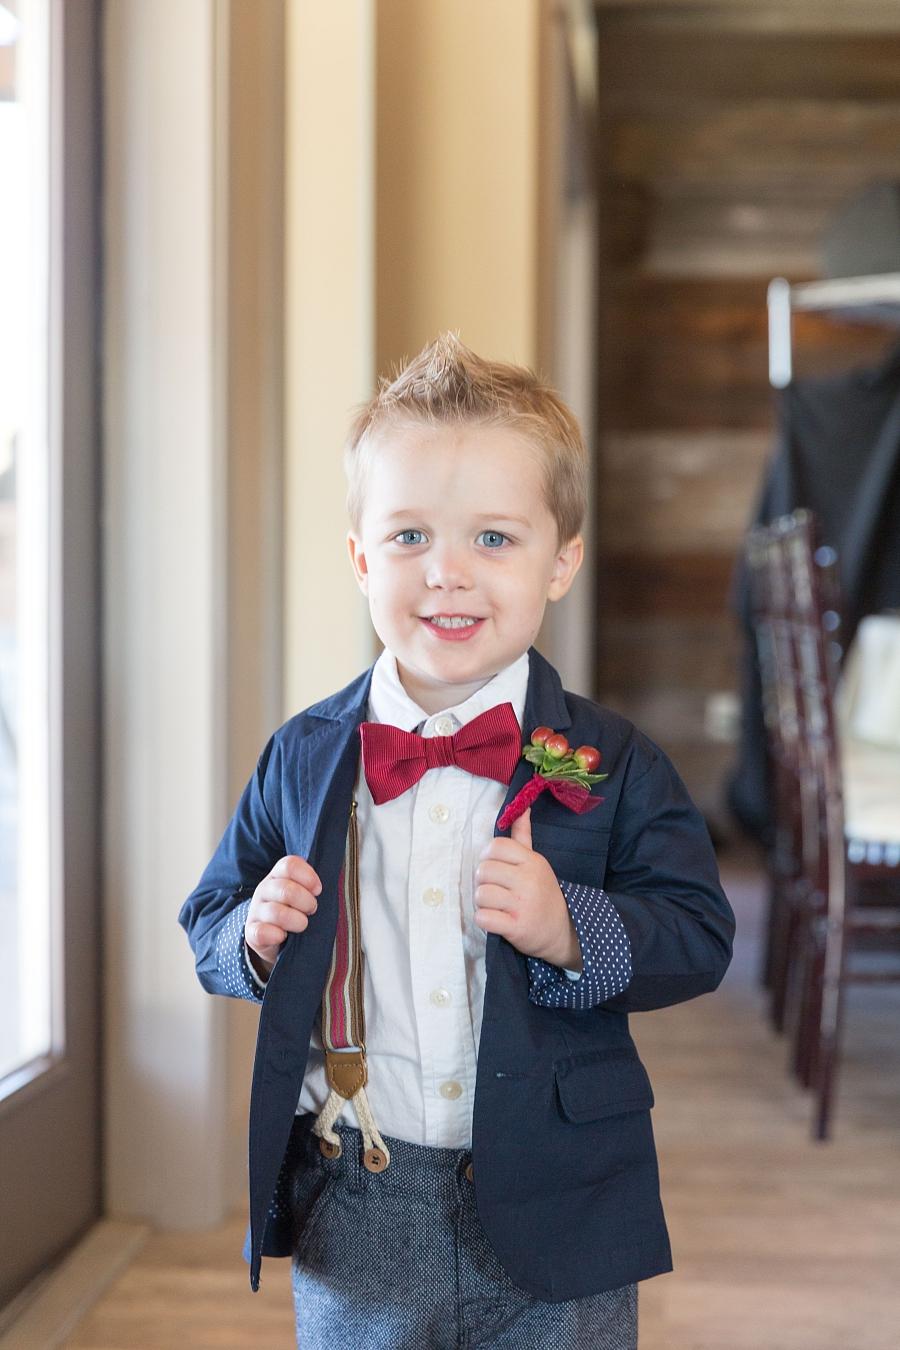 Stacy-Amderson-Photography-Houston-Fredericksberg-Wedding-Photographer_0045.jpg